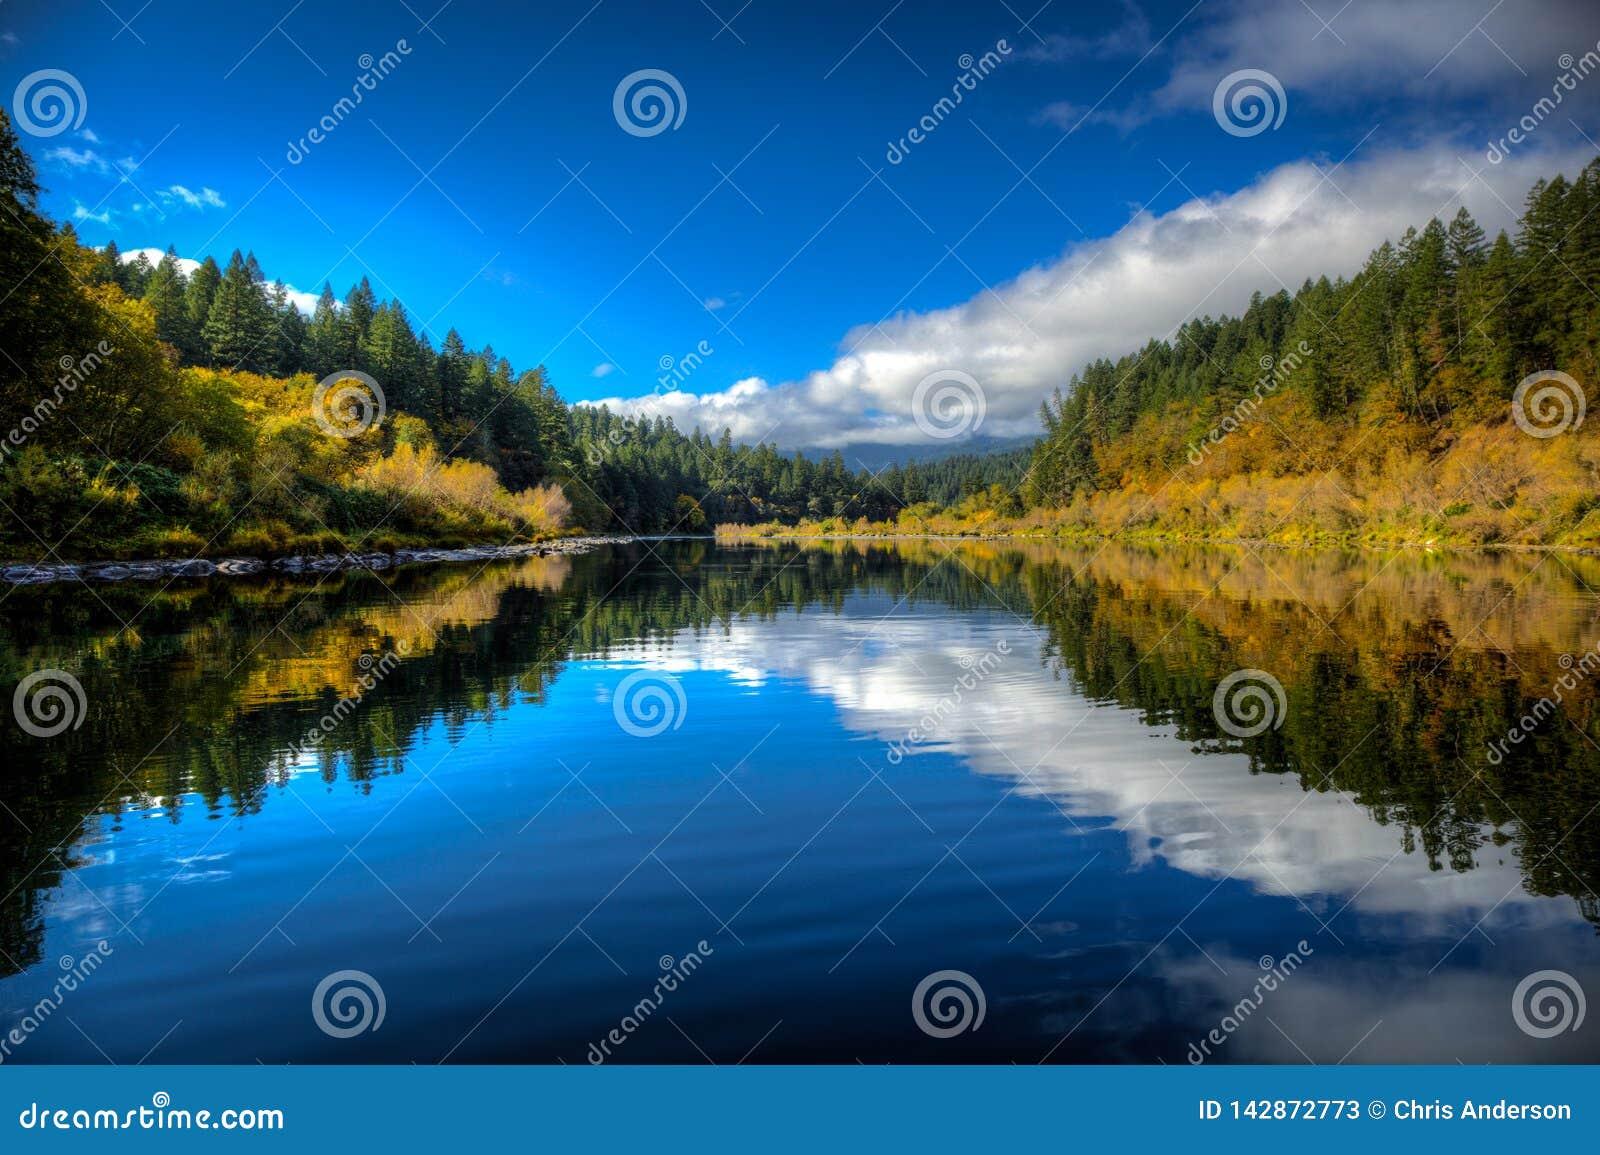 Uma calma calma entre a corredeira de agitação da água branca dá-nos um momento para respirar o ar puro e para apreciar o outubro